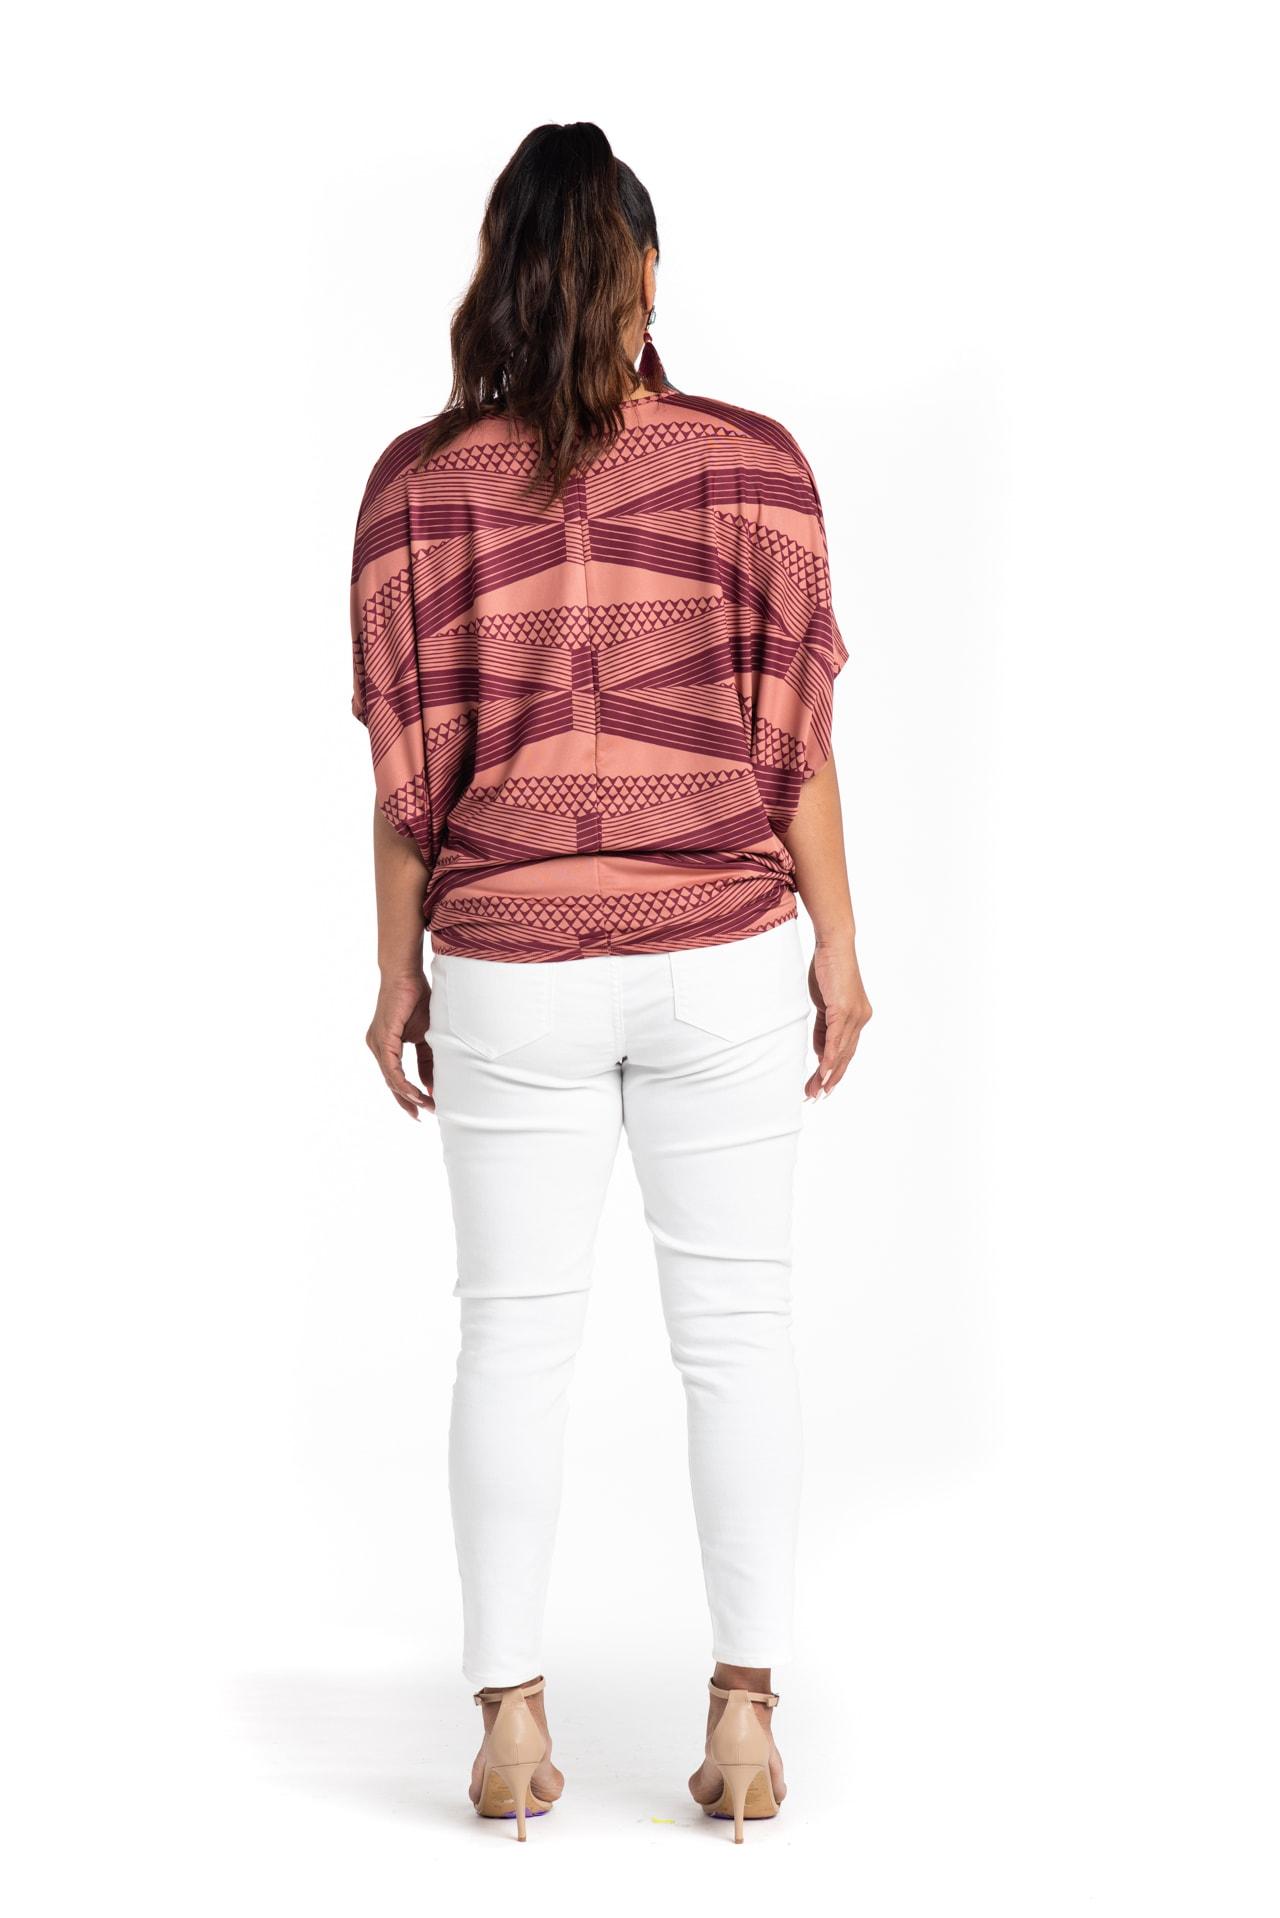 Model wearing Kealoha Top in Copper - Back View